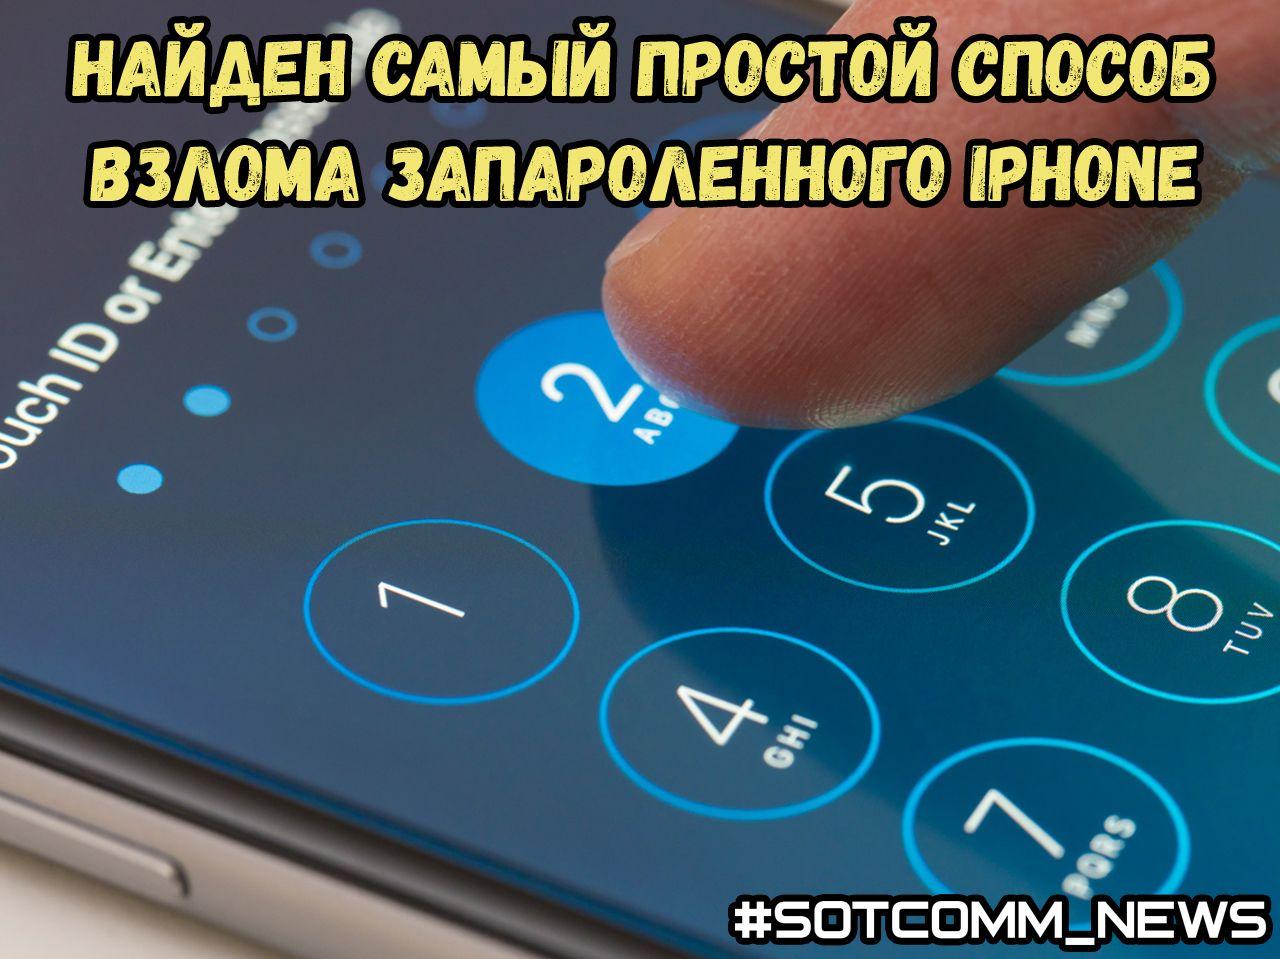 Найден самый простой способ взлома запароленного iPhone